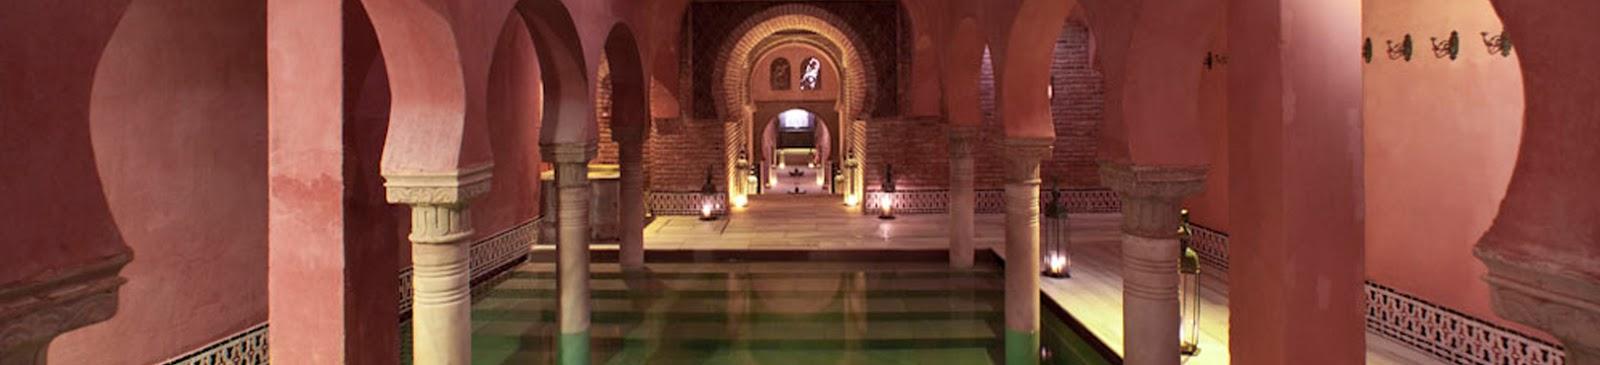 Baño Arabe En Granada:iLockeros: Los Baños Árabes y Granada